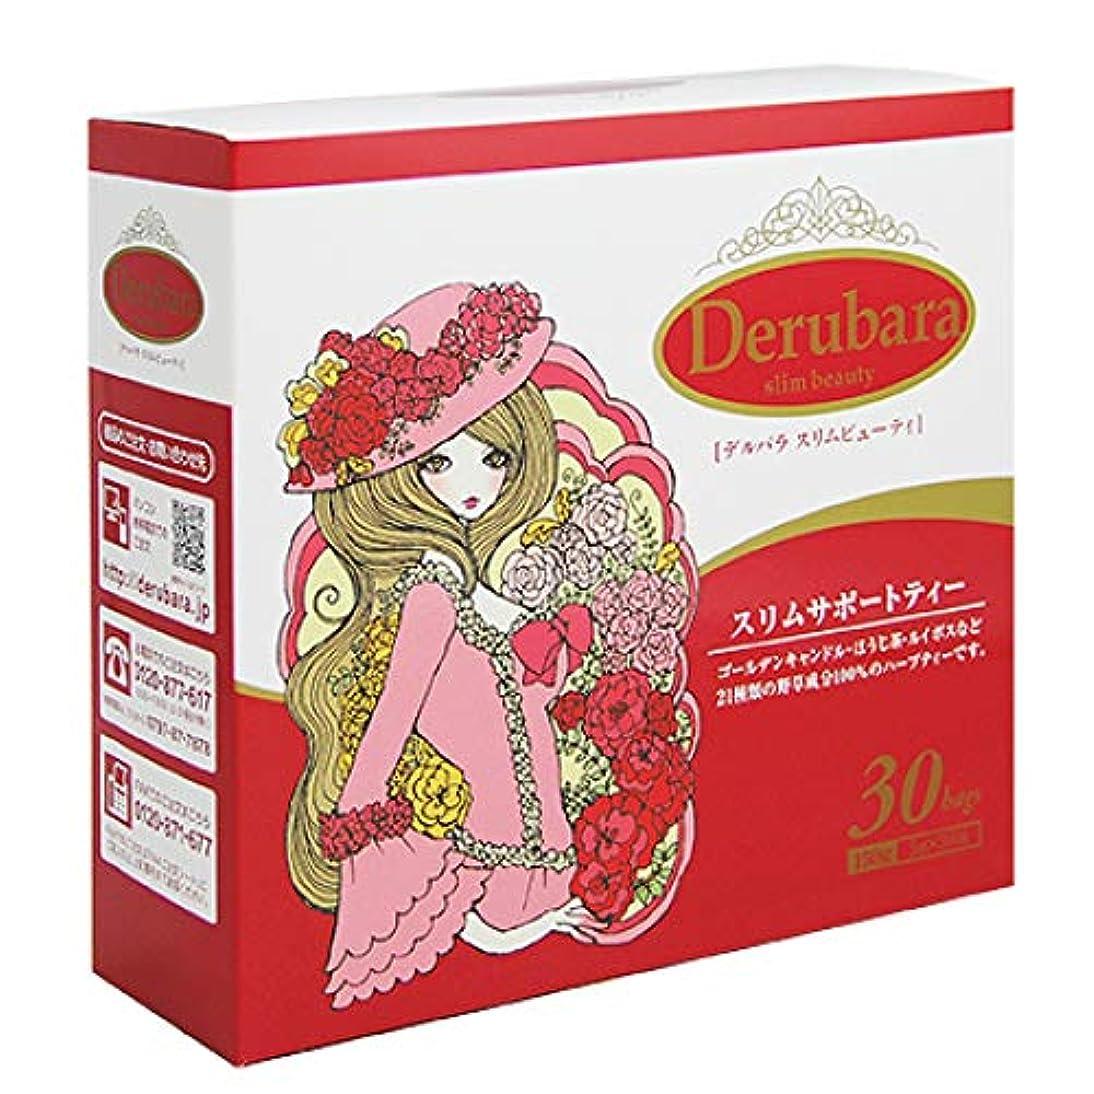 魔女クレデンシャルウルルデルバラスリムビューティ お徳3箱セット (1包5g×30包入)×3箱 朝スッキリ! キャンドルブッシュ お茶